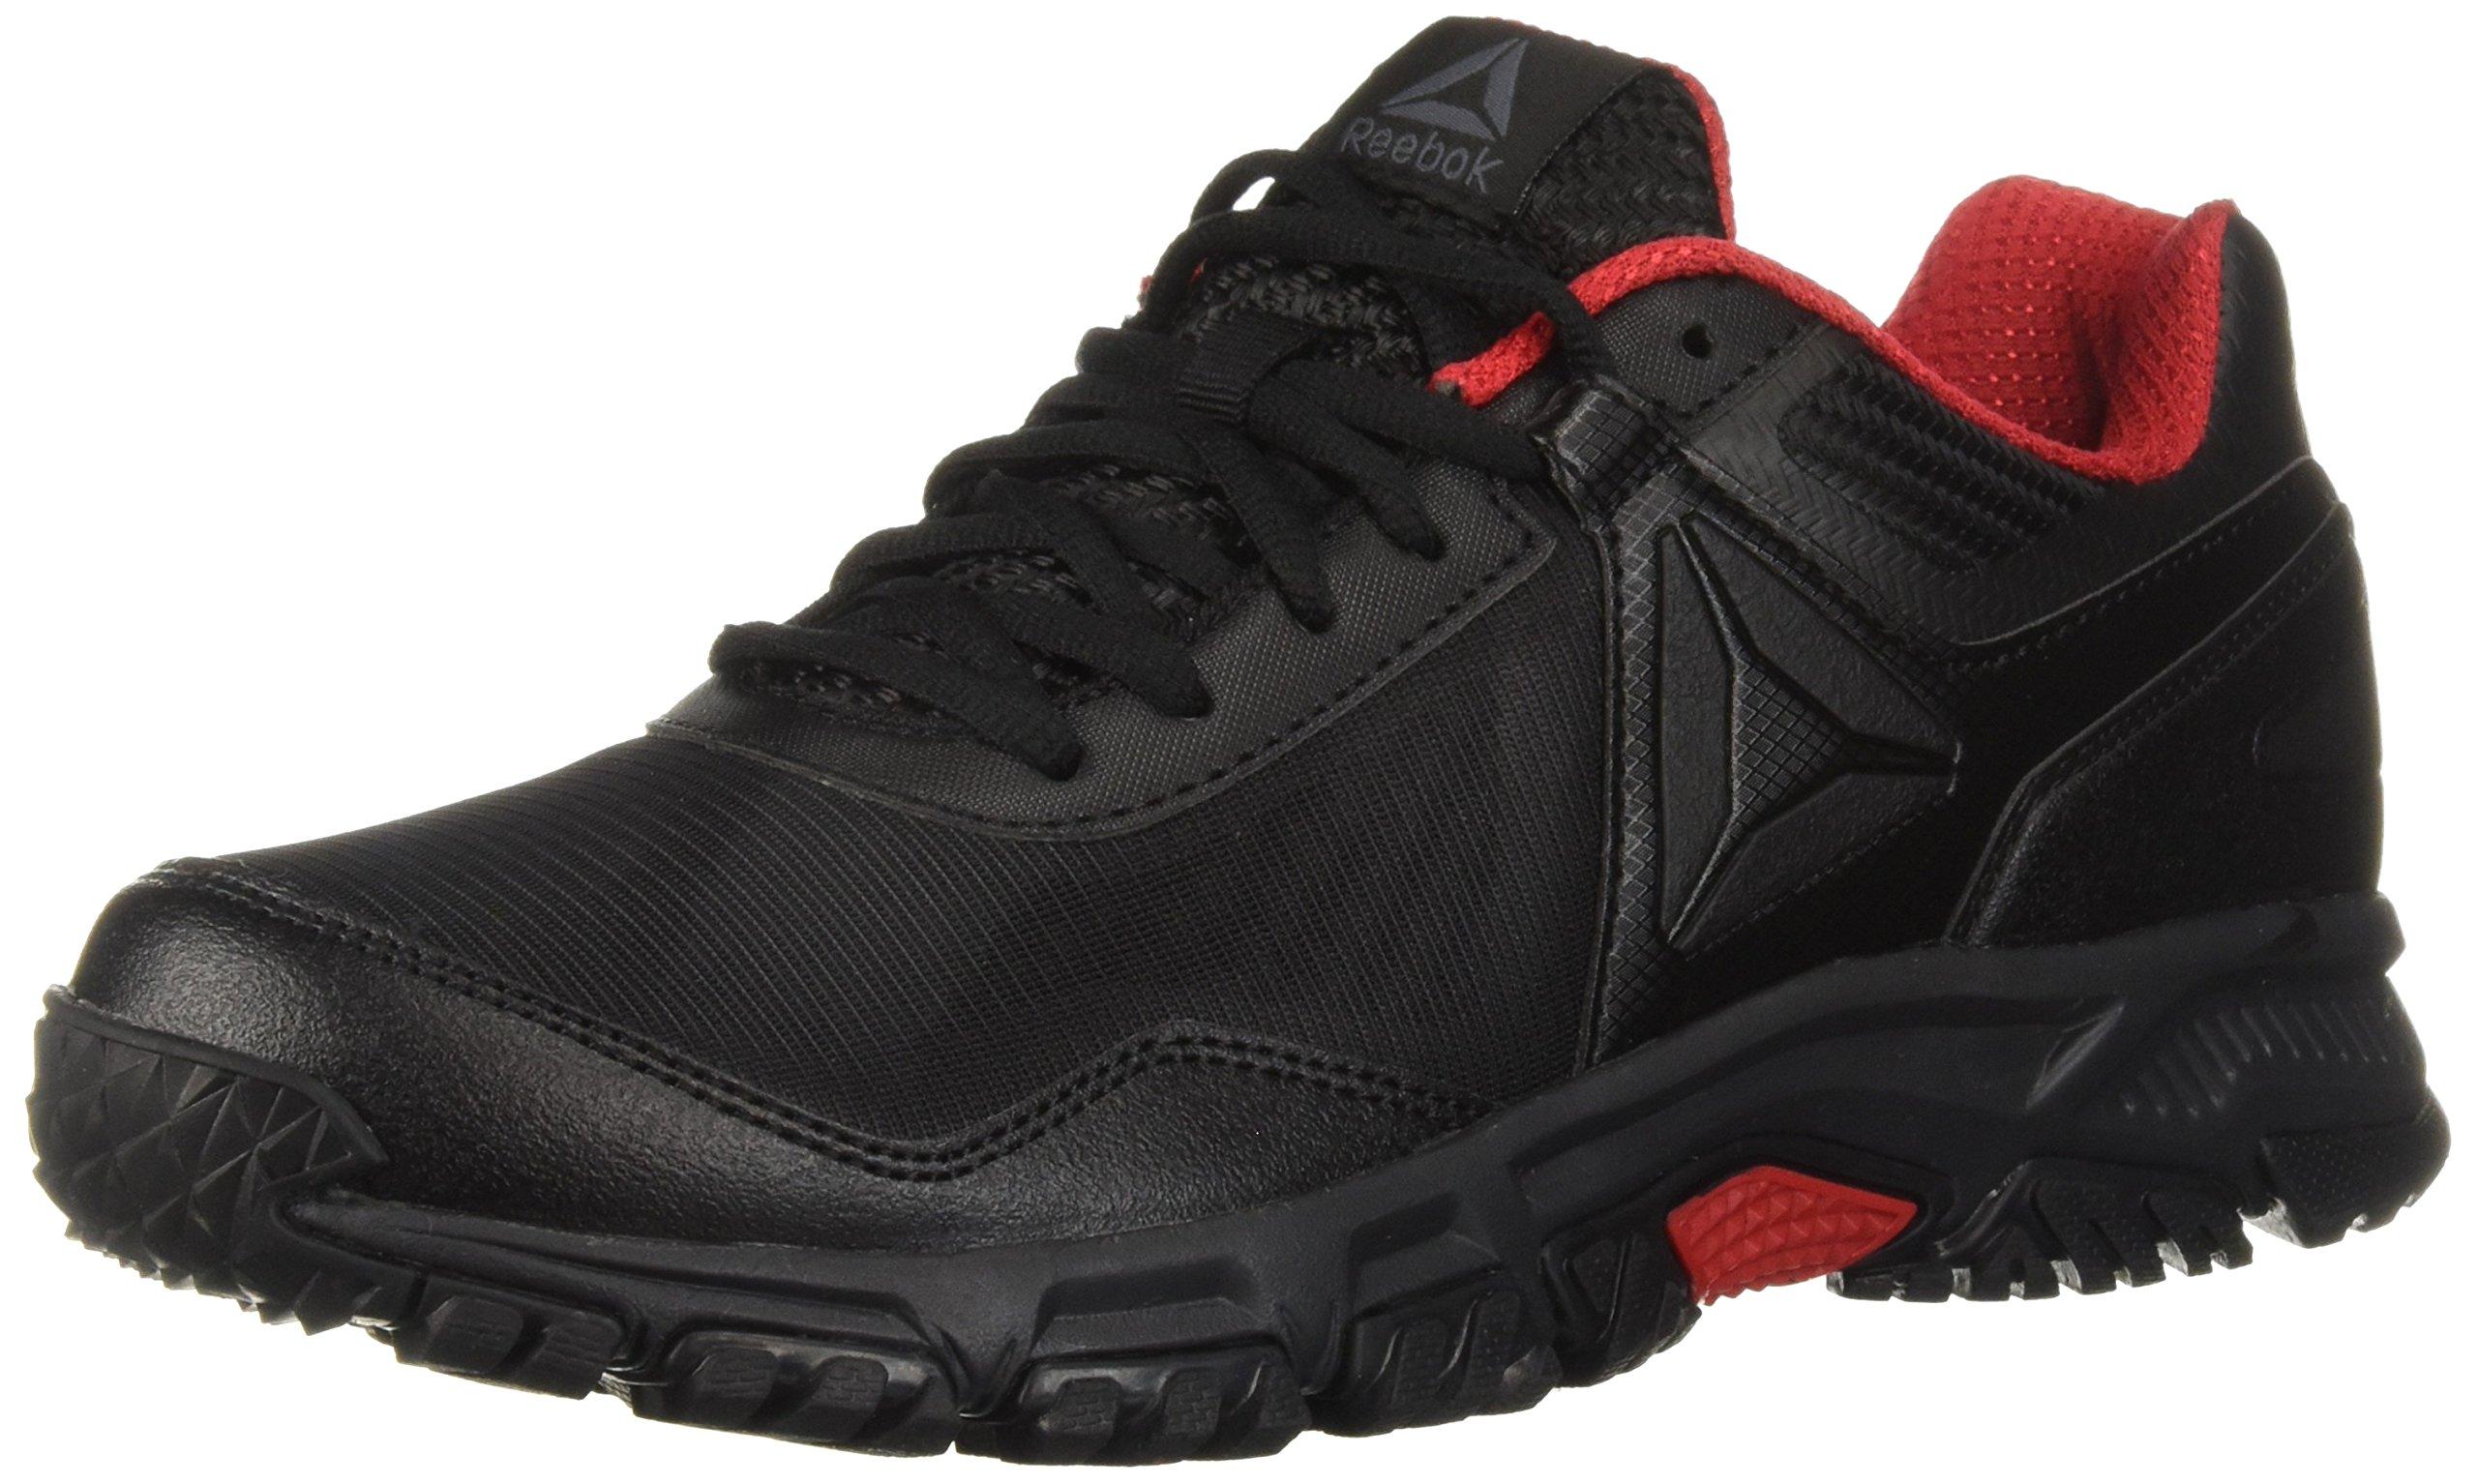 Reebok Men's Ridgerider Trail 3.0 Sneaker, Flint Grey/Alloy/Acid Blue/Black, 12 M US by Reebok